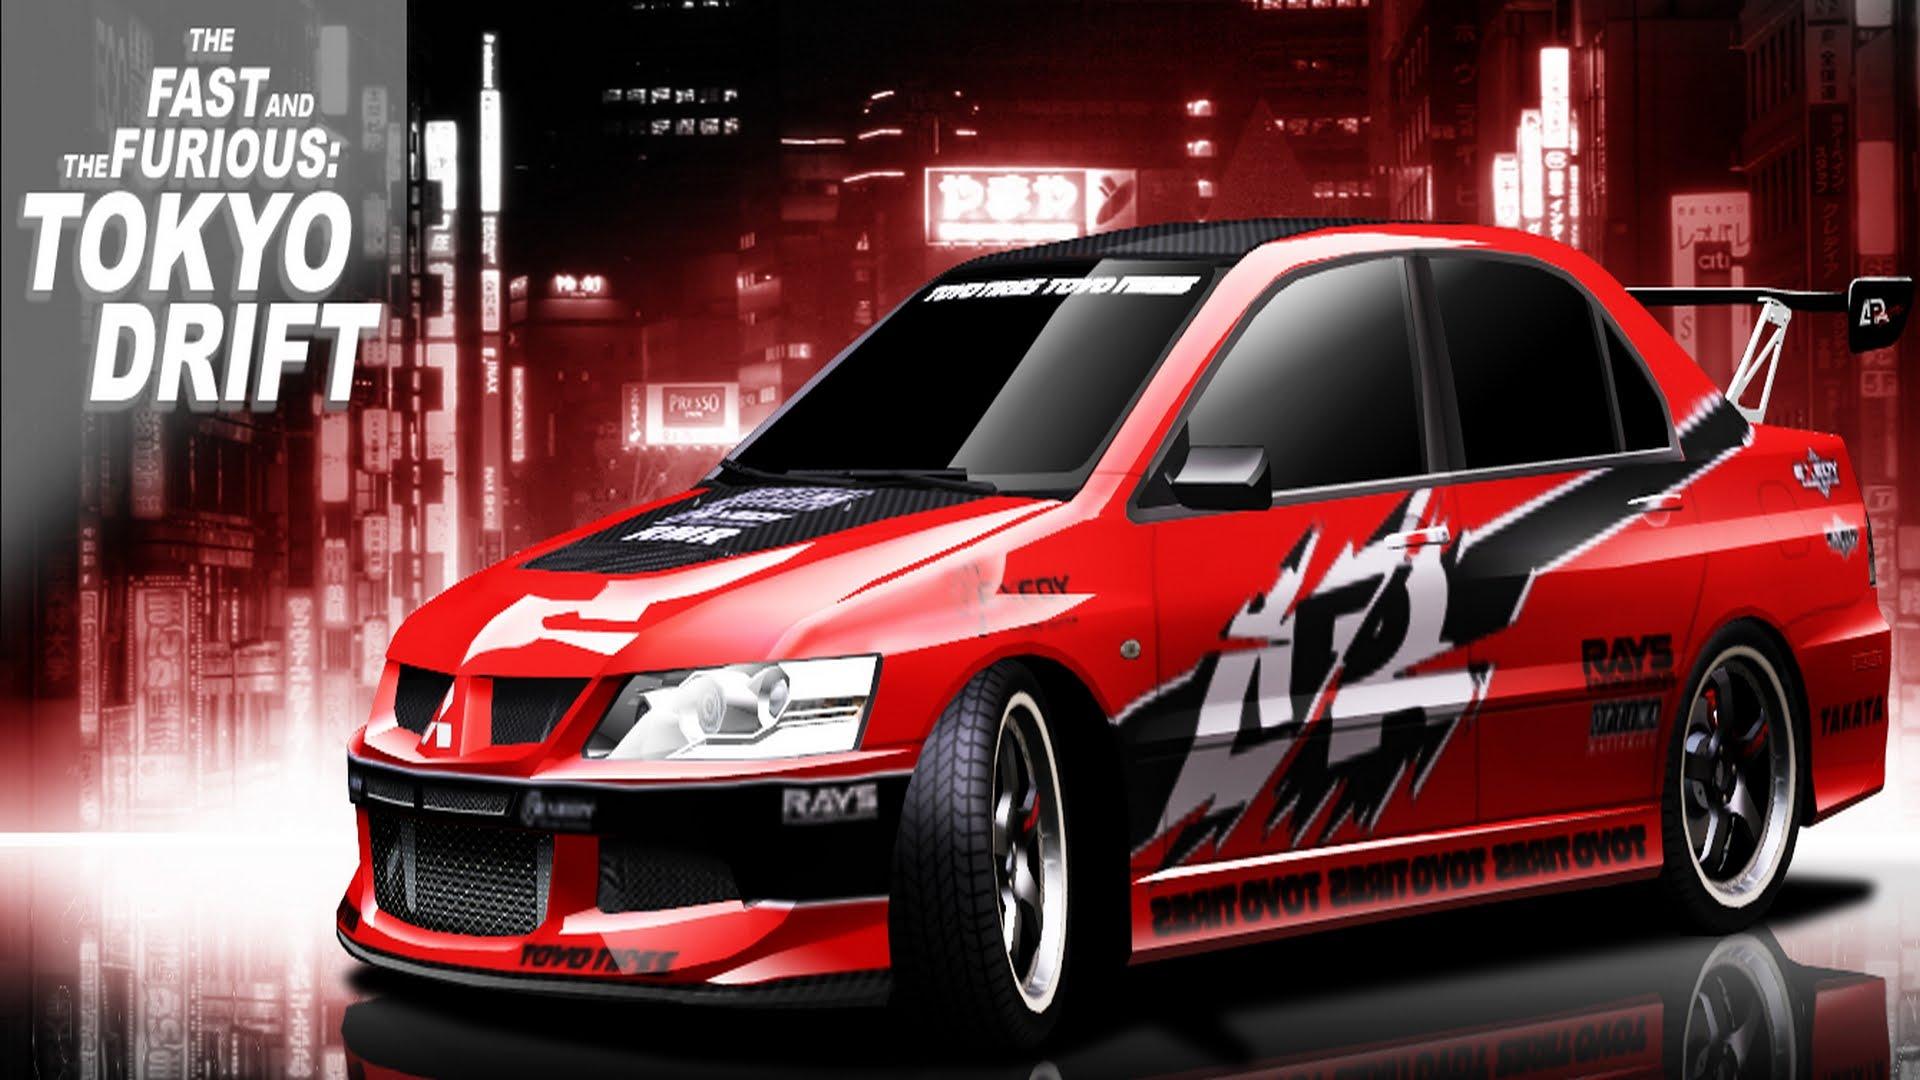 Fast And Furious Tokyo Drift Wallpaper